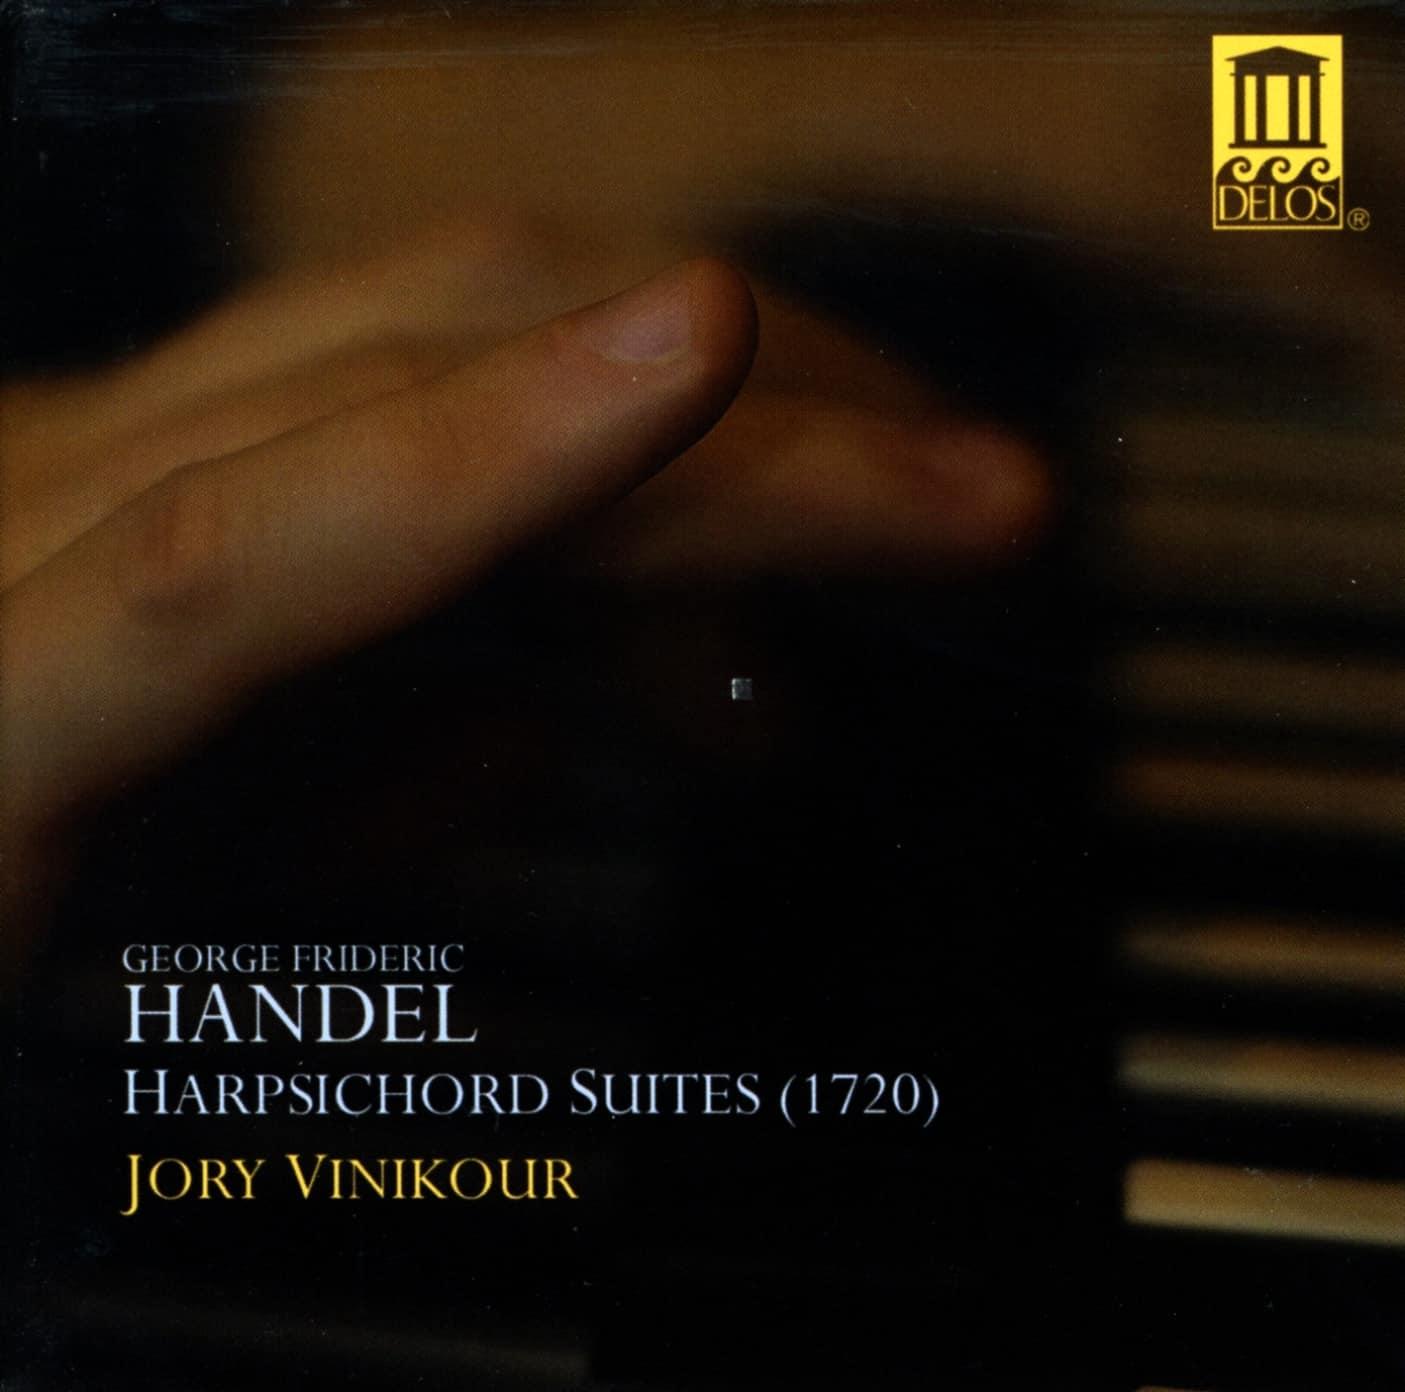 Handel Harpsichord Suites (1720)